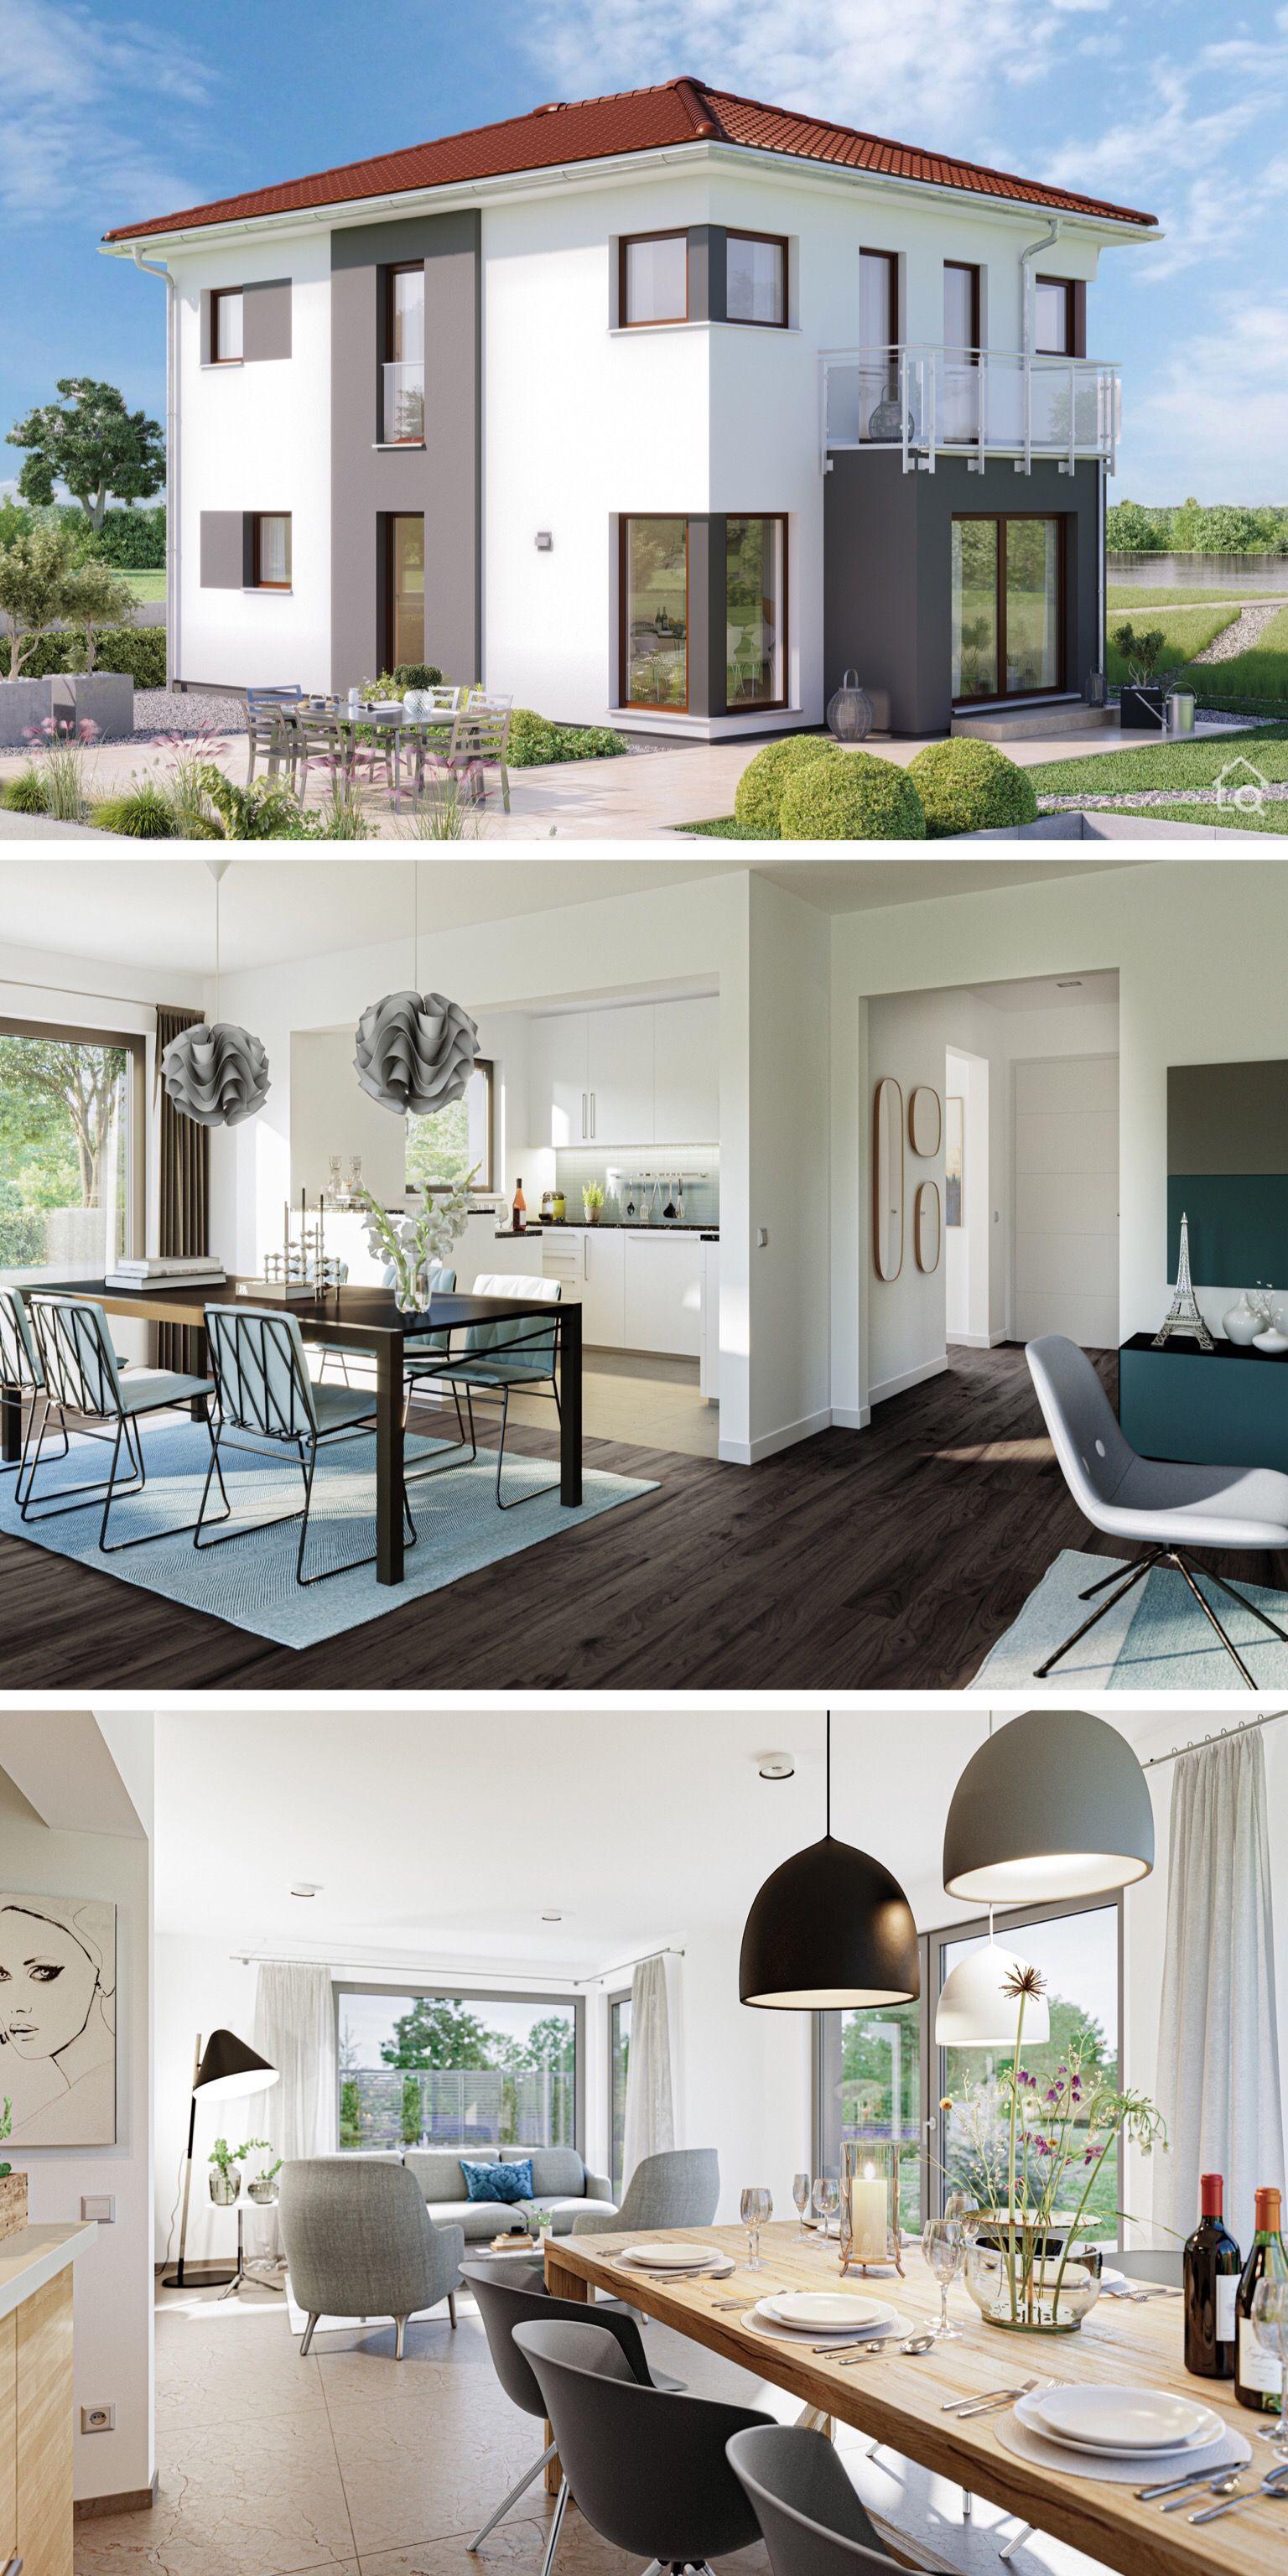 Modernes Haus Design Stadtvilla aussen mit Walmdach, Erker